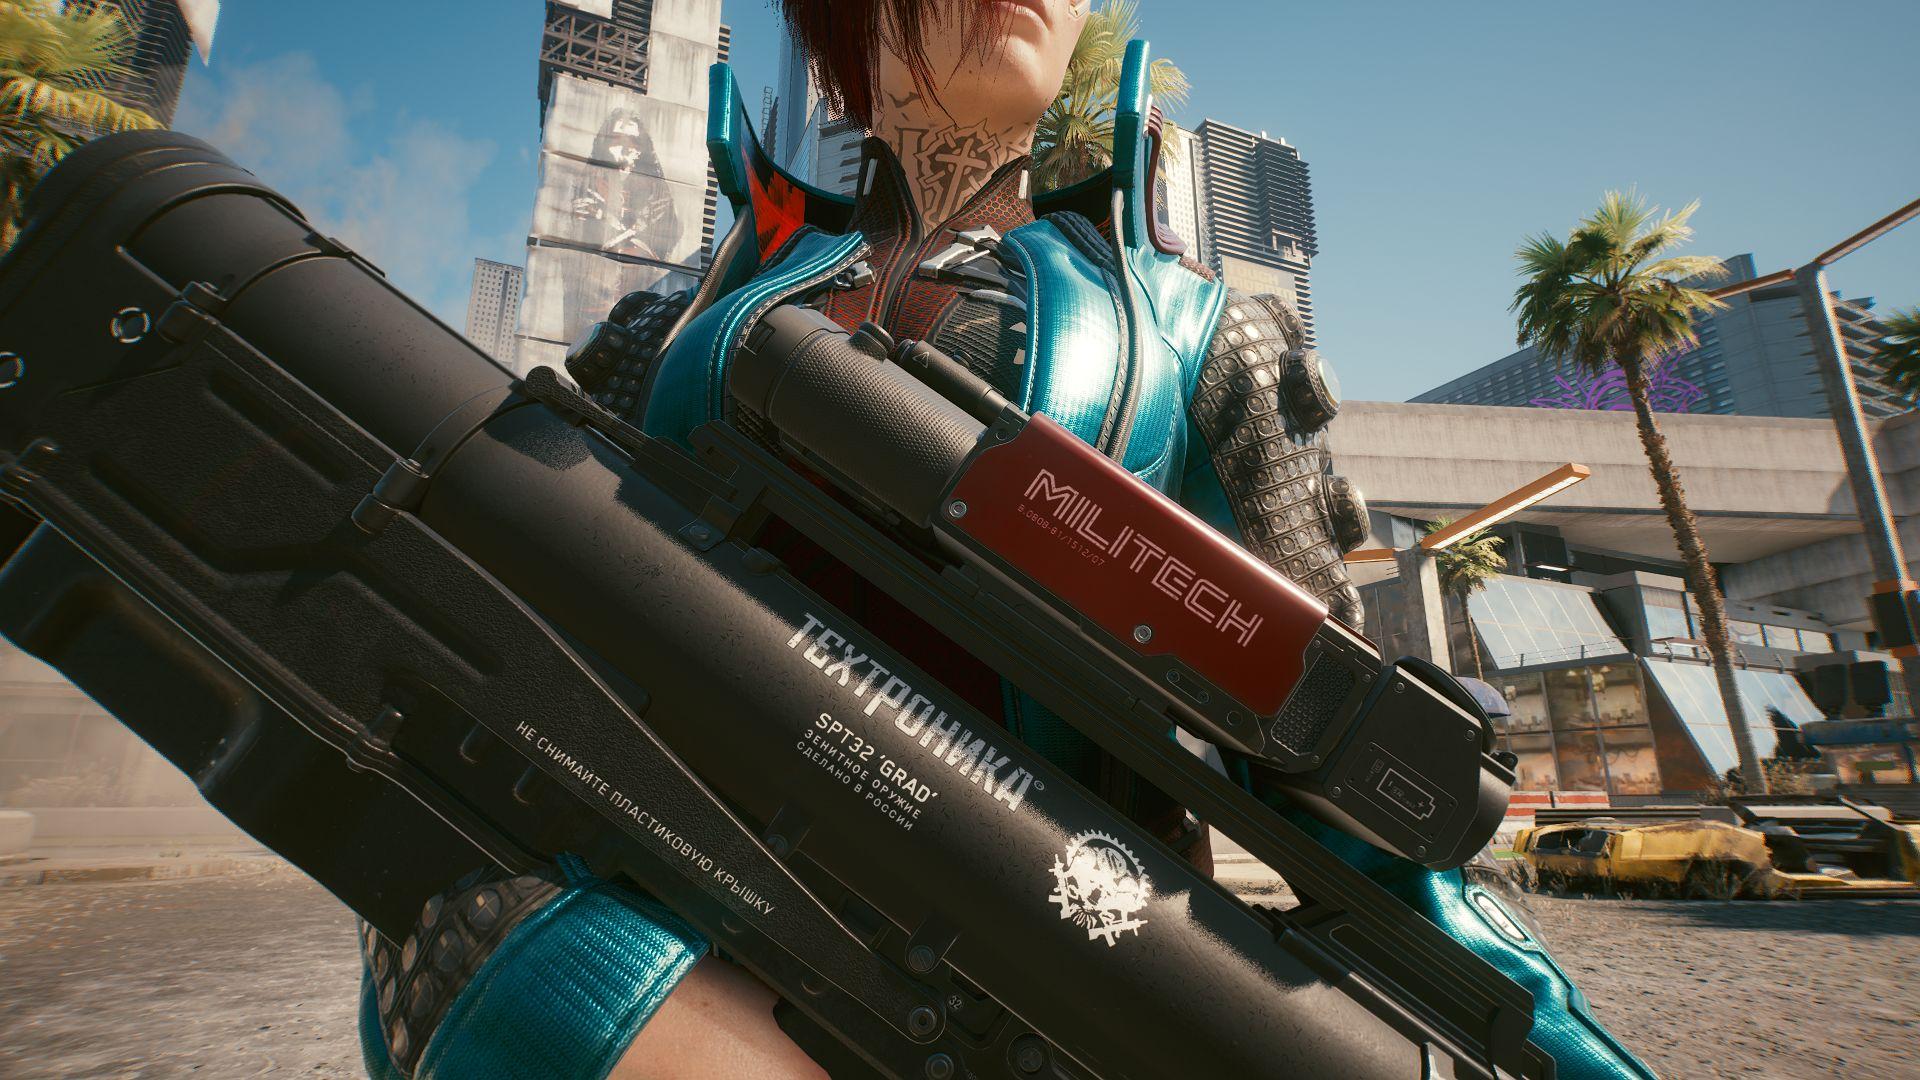 000266.Jpg - Cyberpunk 2077